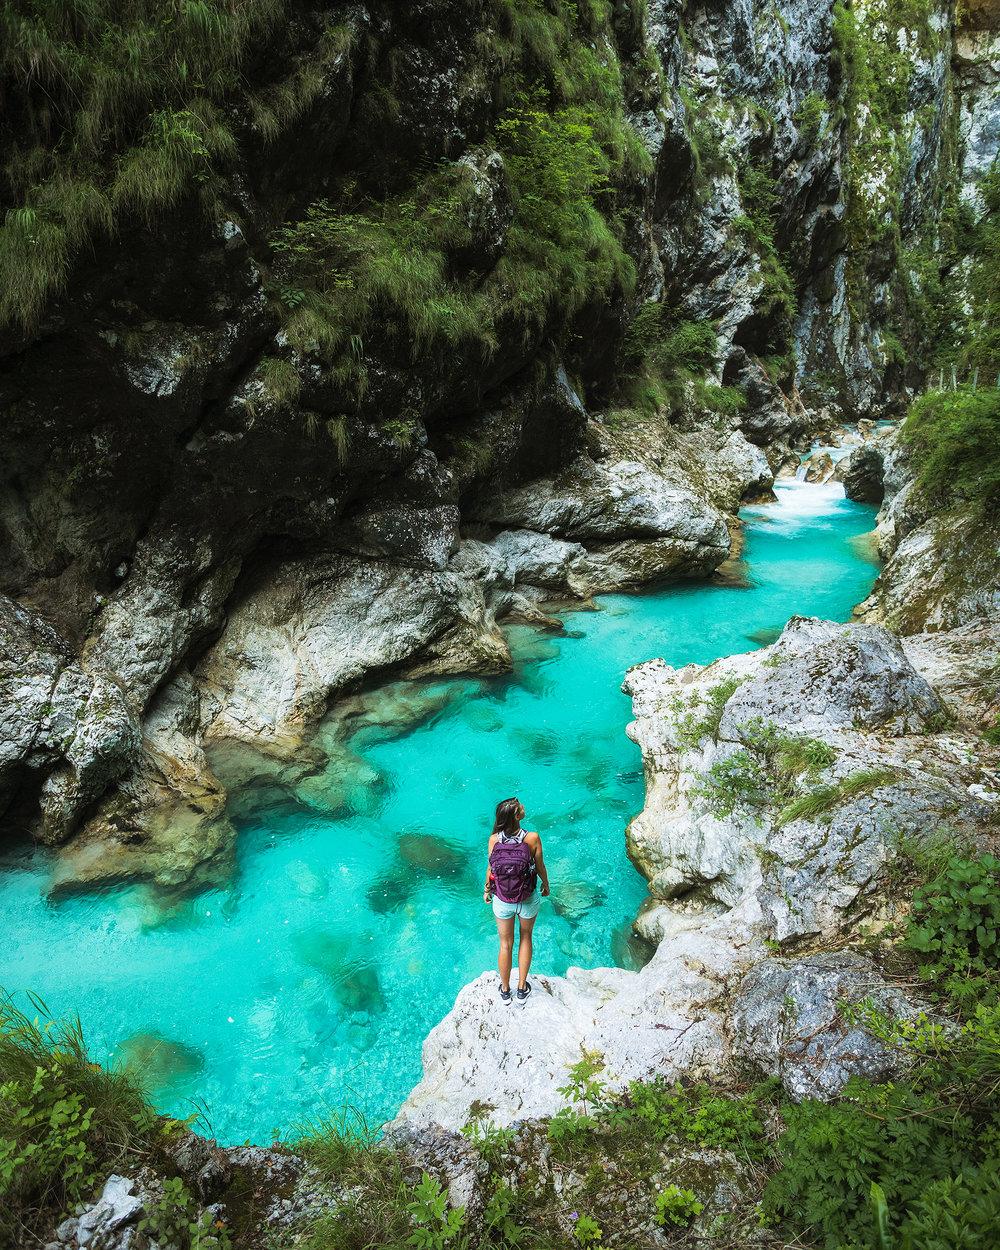 Tolmin-Gorge-in-Slovenia-with-Andrea-by-Michael-Matti.jpg